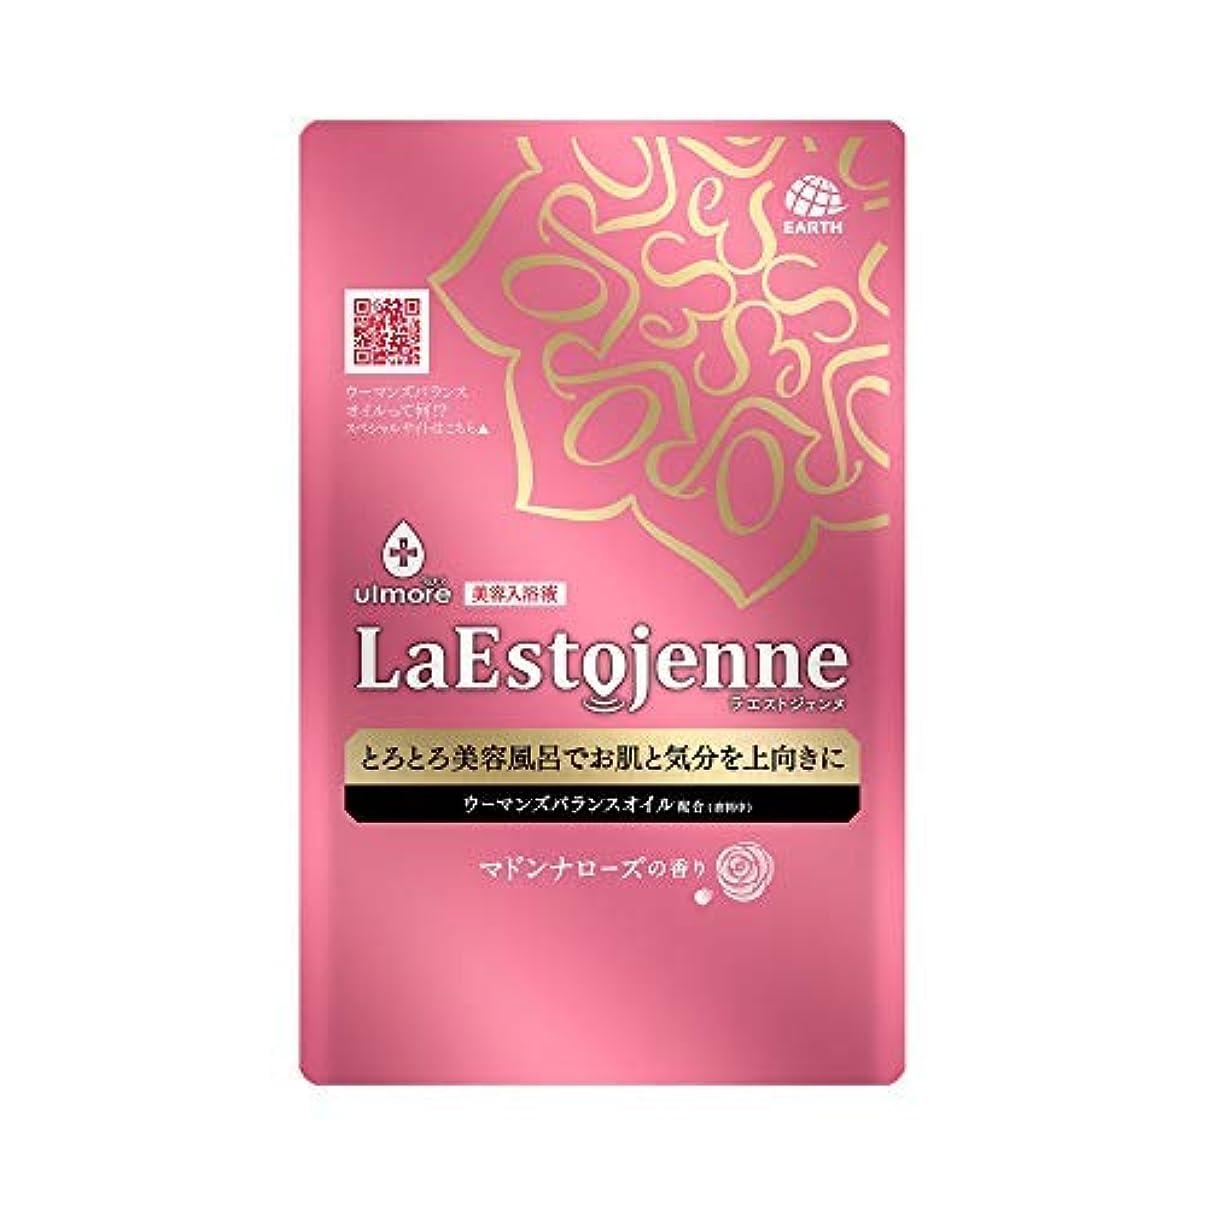 従順わかる投資ウルモア ラエストジェンヌ マドンナローズの香り 1包 × 12個セット